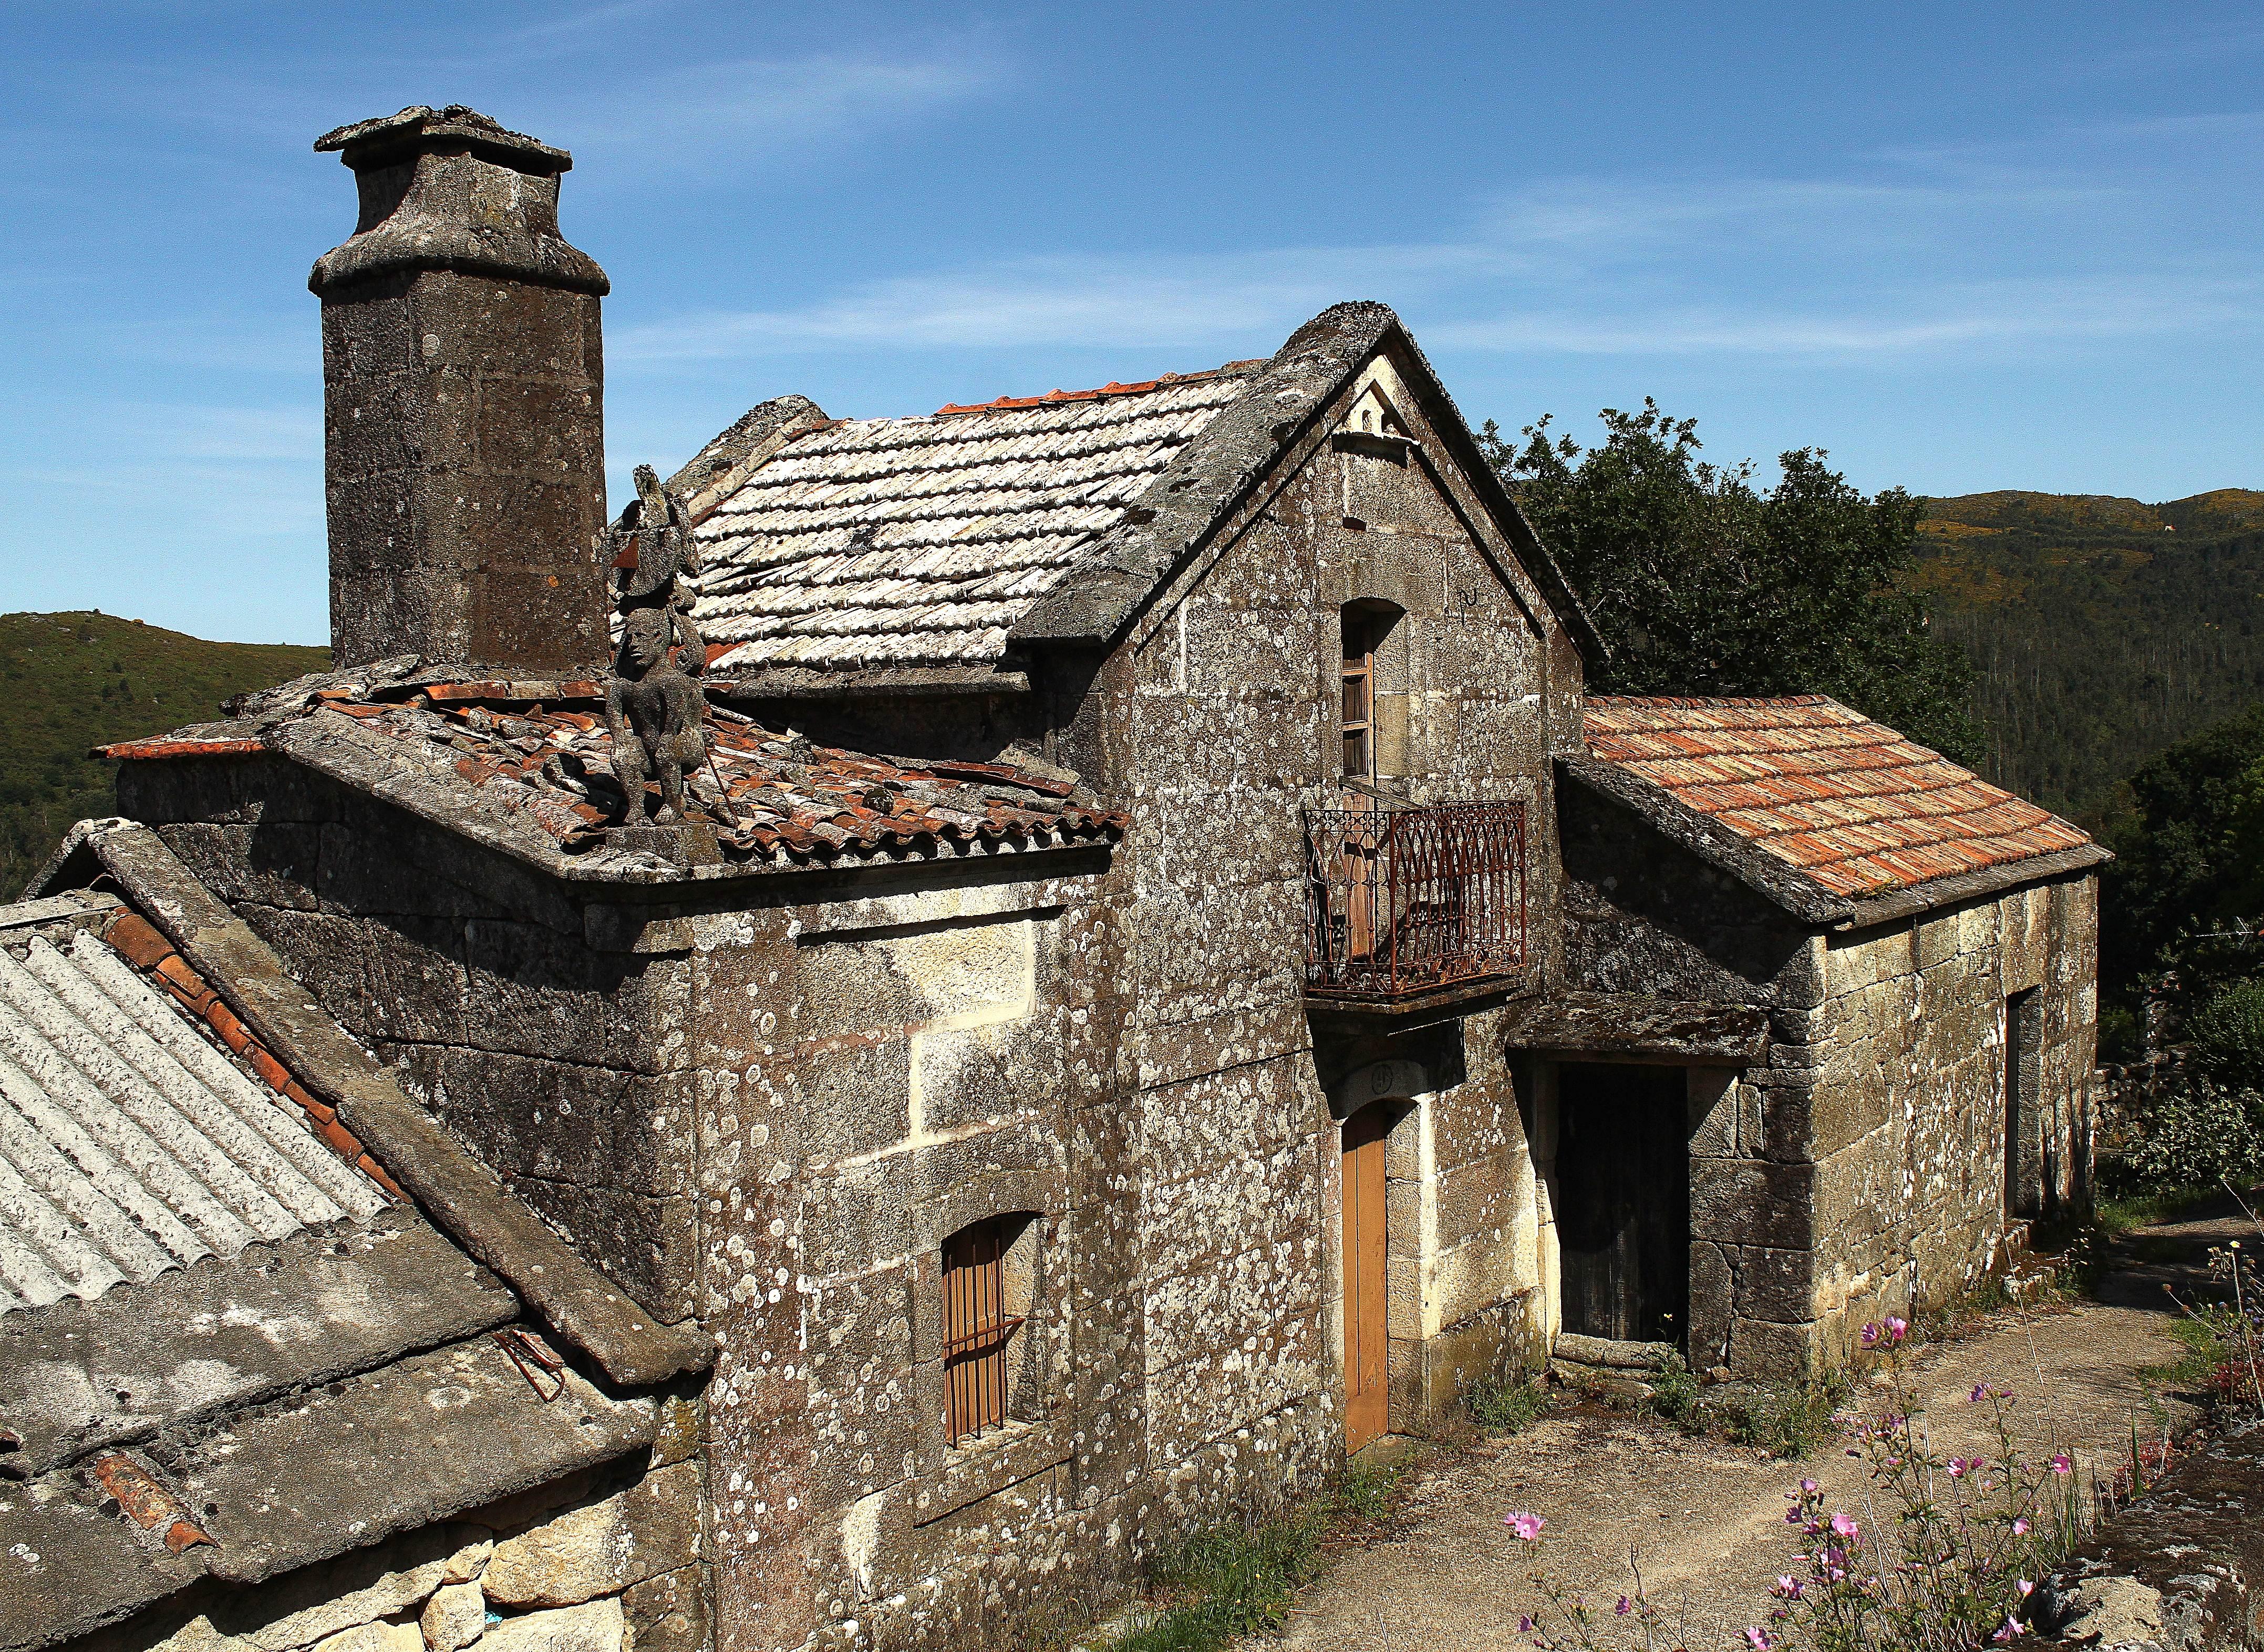 Fotos gratis rock casa edificio pueblo caba a - Casas gratis en pueblos de espana ...